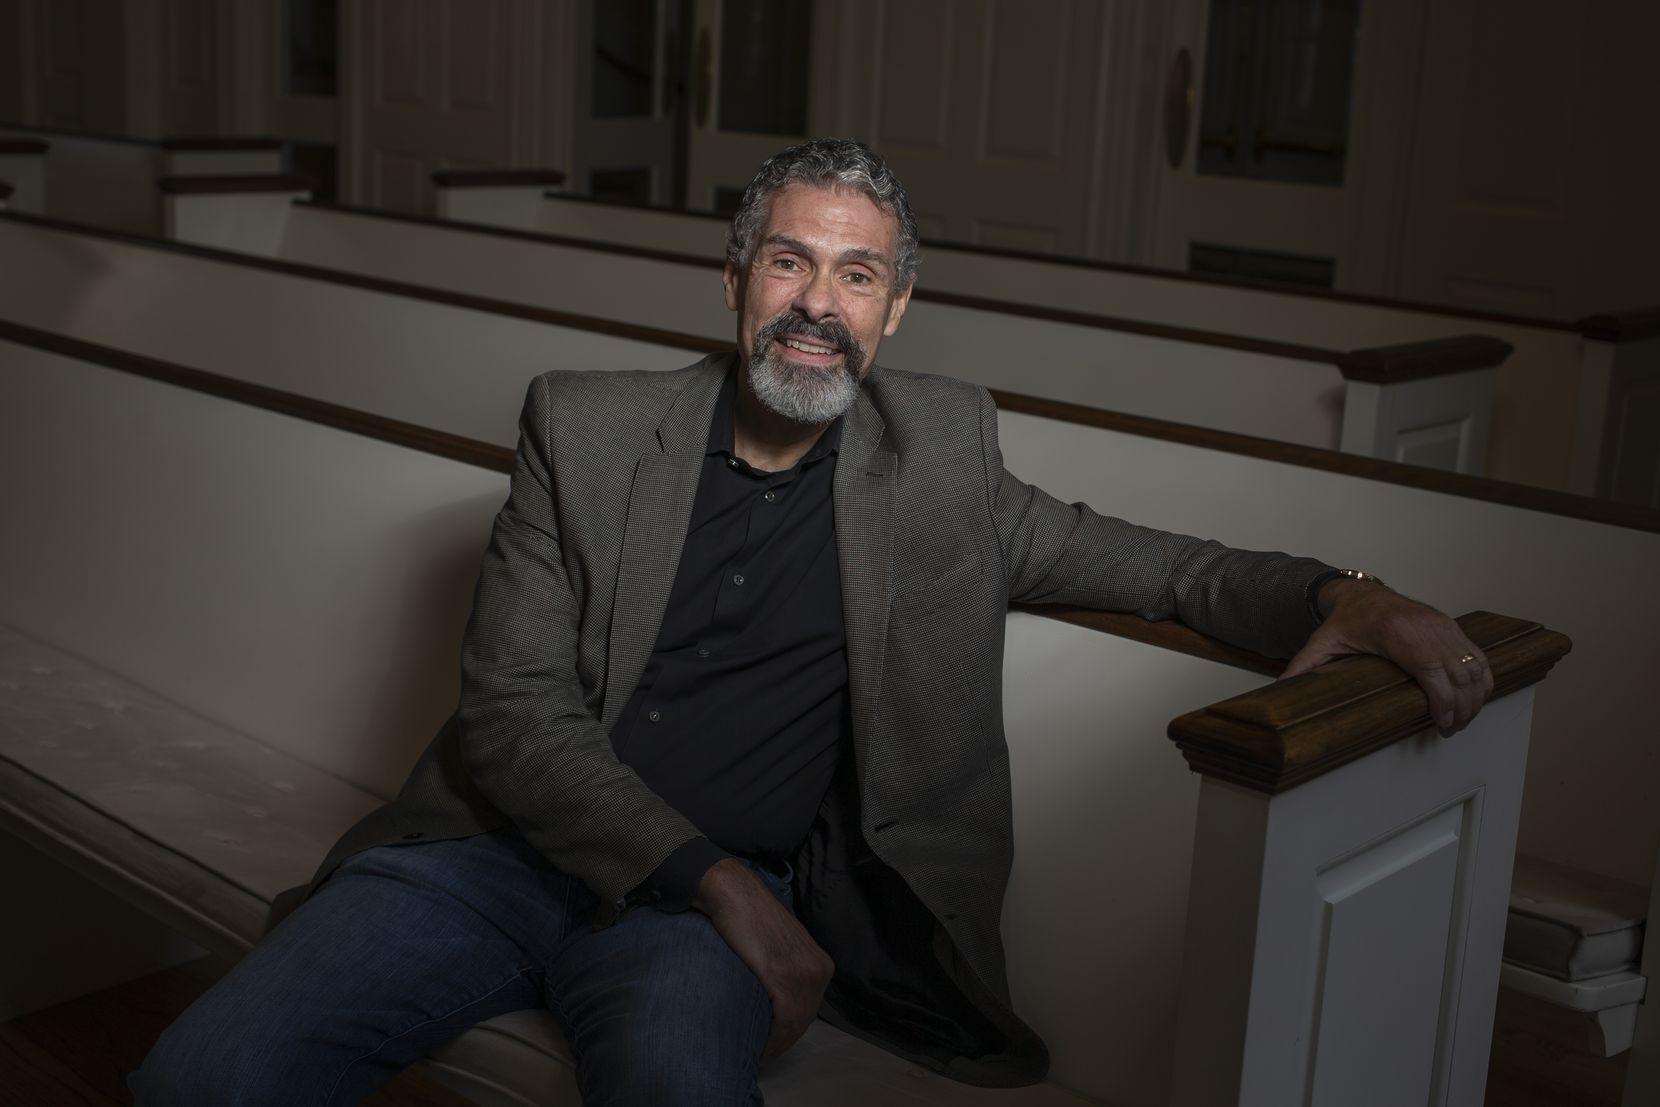 Harold Recinos at the Perkins Chapel at Southern Methodist University in May 2019.